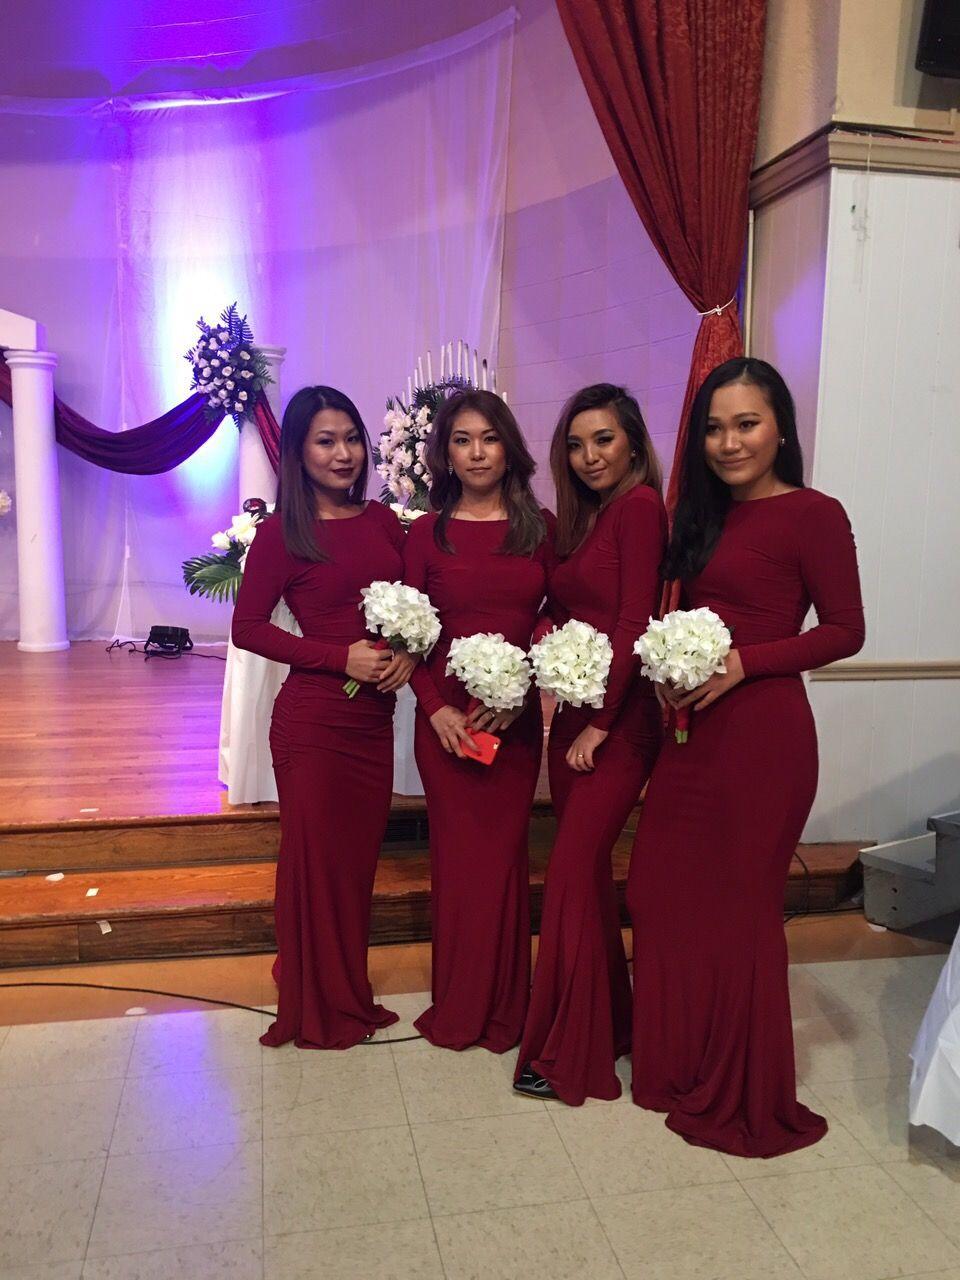 Burgundy bridesmaids dresses mermaid dresses burgundy long sleeve